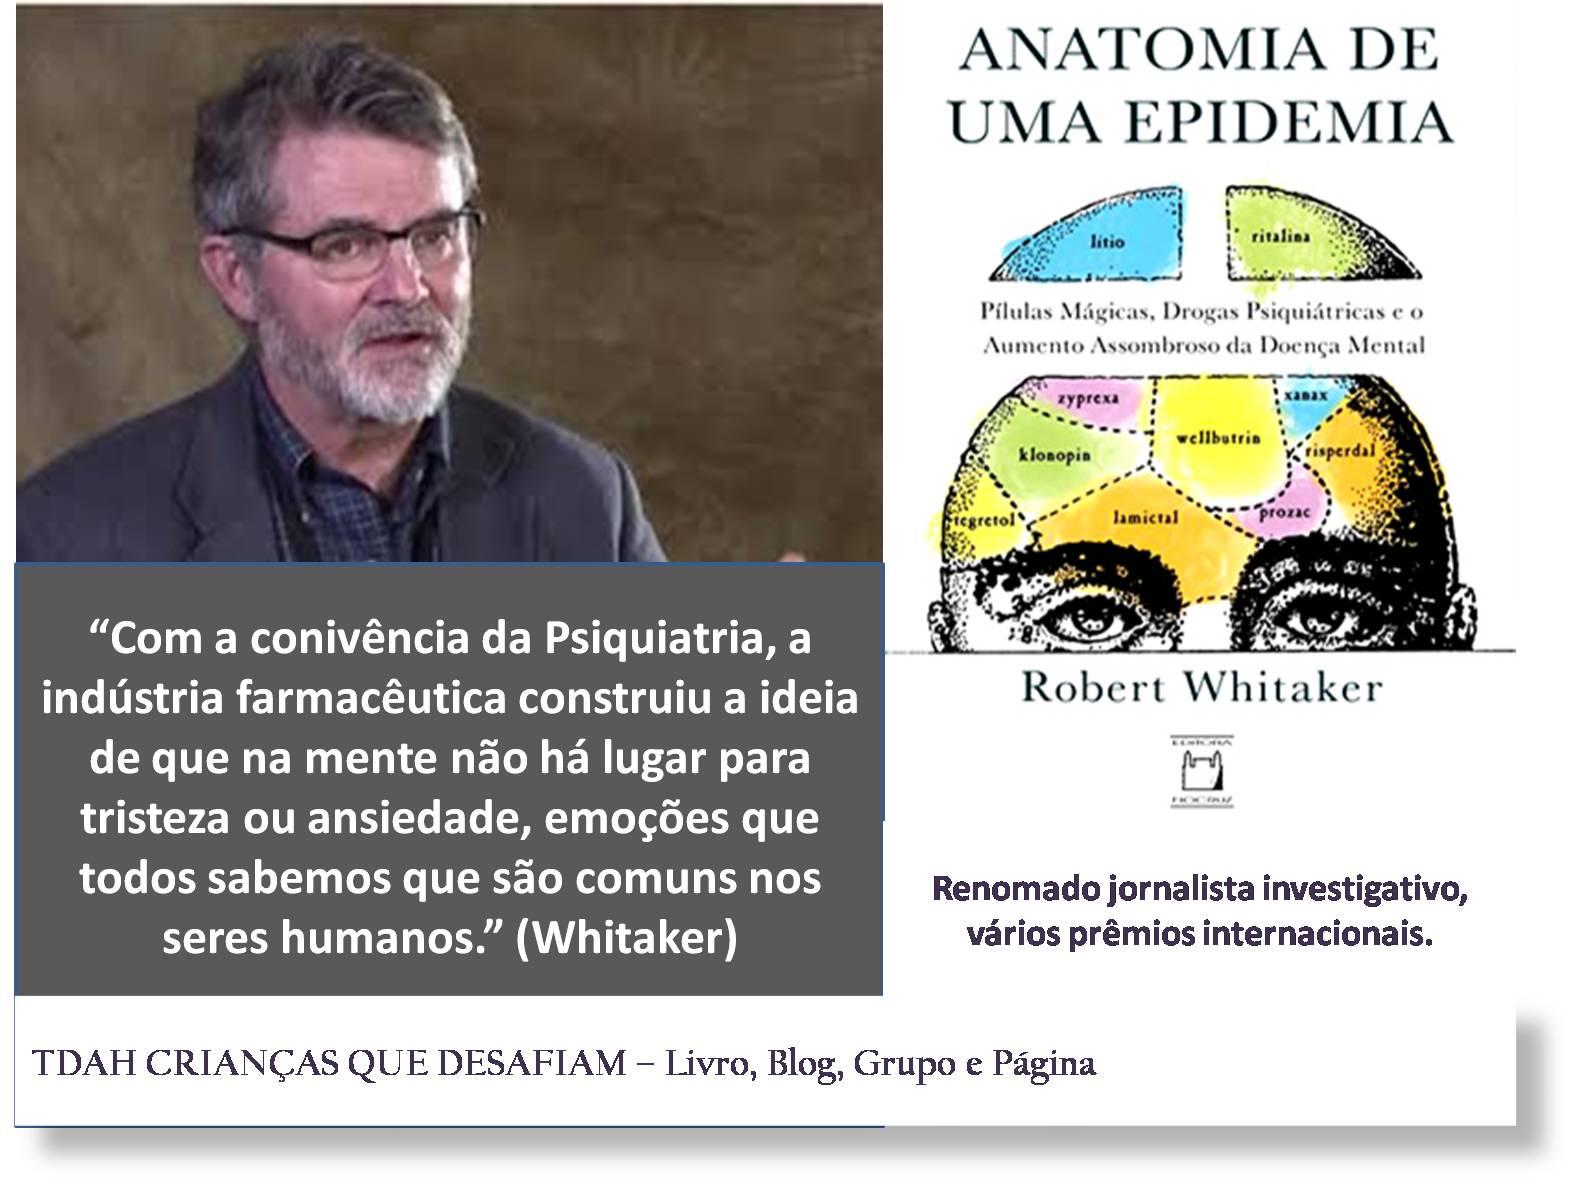 COMPROMISSO CONSCIENTE: ANATOMIA DE UMA EPIDEMIA - Pílulas Mágicas ...